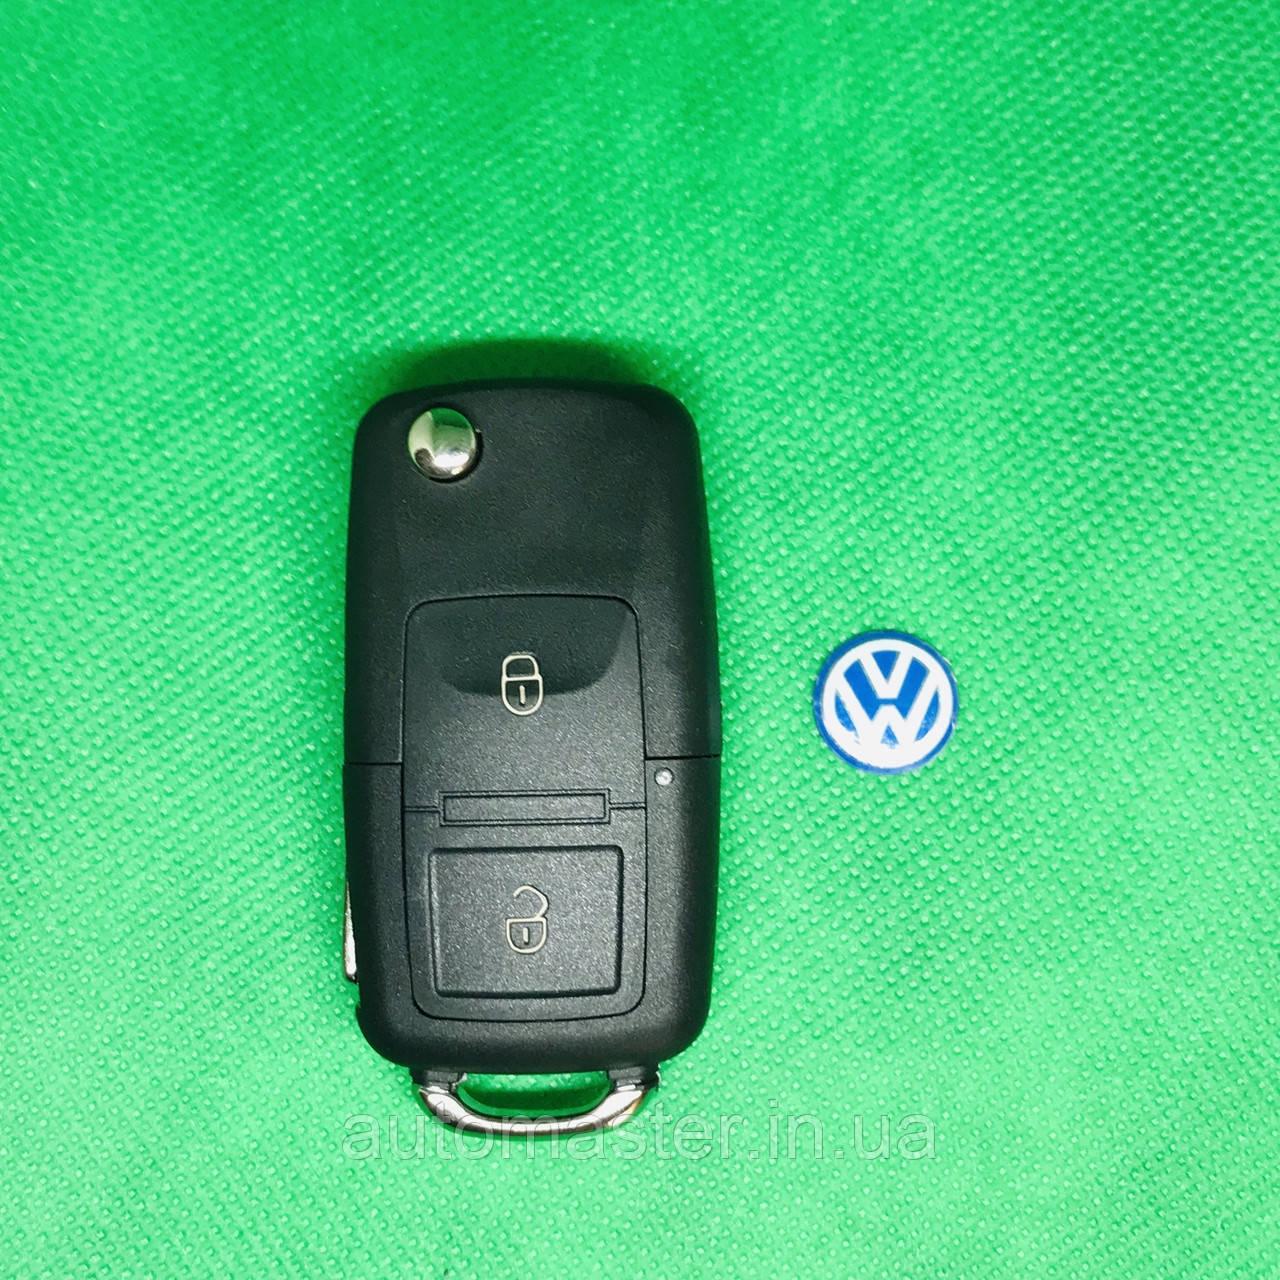 Корпус выкидного авто ключа VOLKSWAGEN Golf, Polo, Transporter (Фольксваген Гольф, Поло,Транспортер) 2- кнопки